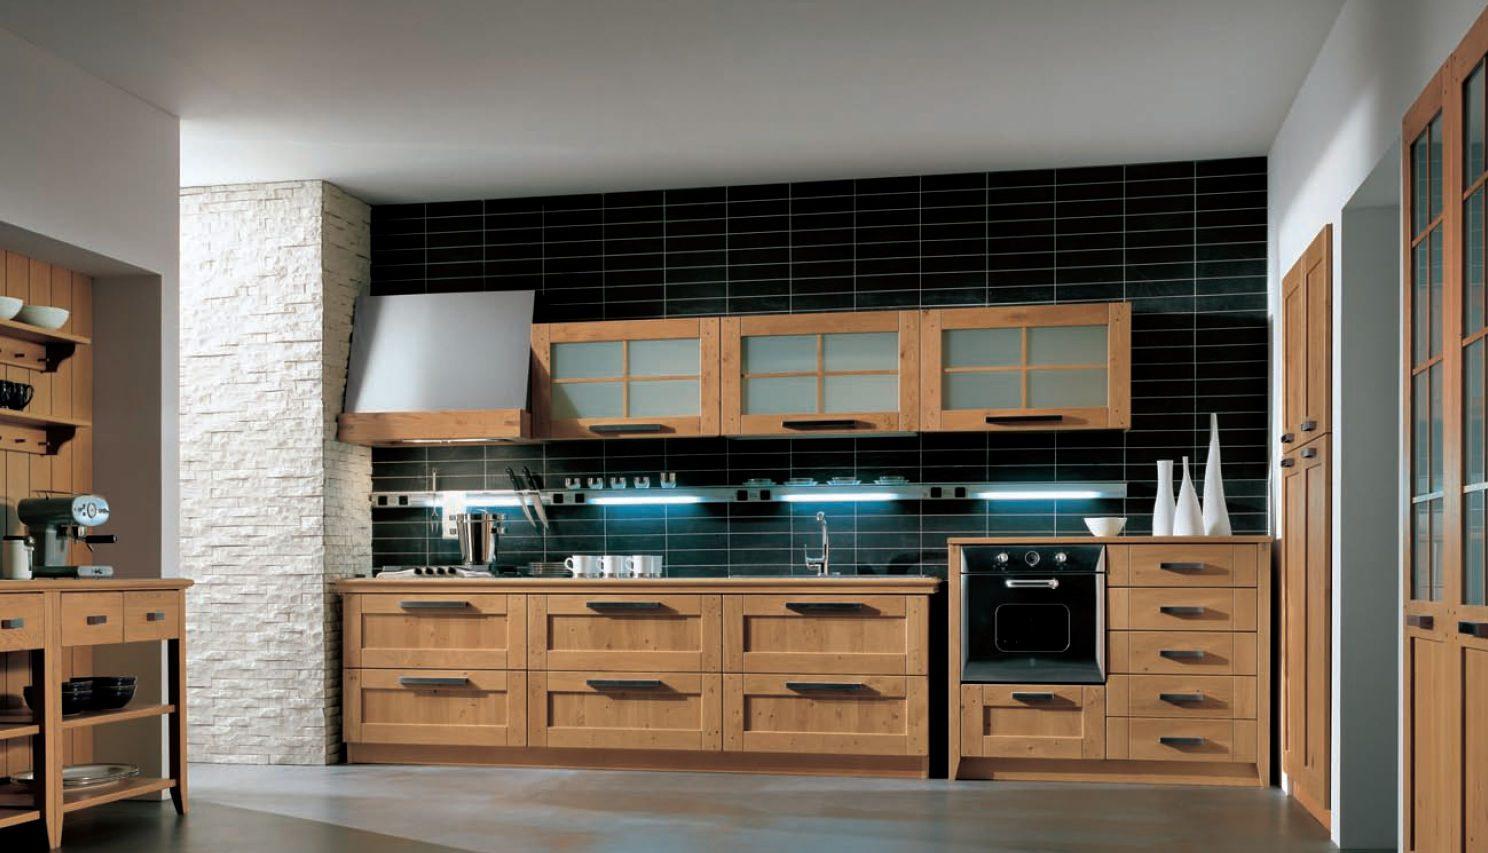 Fotos de cocinas de madera for Cocinas con desayunador de madera